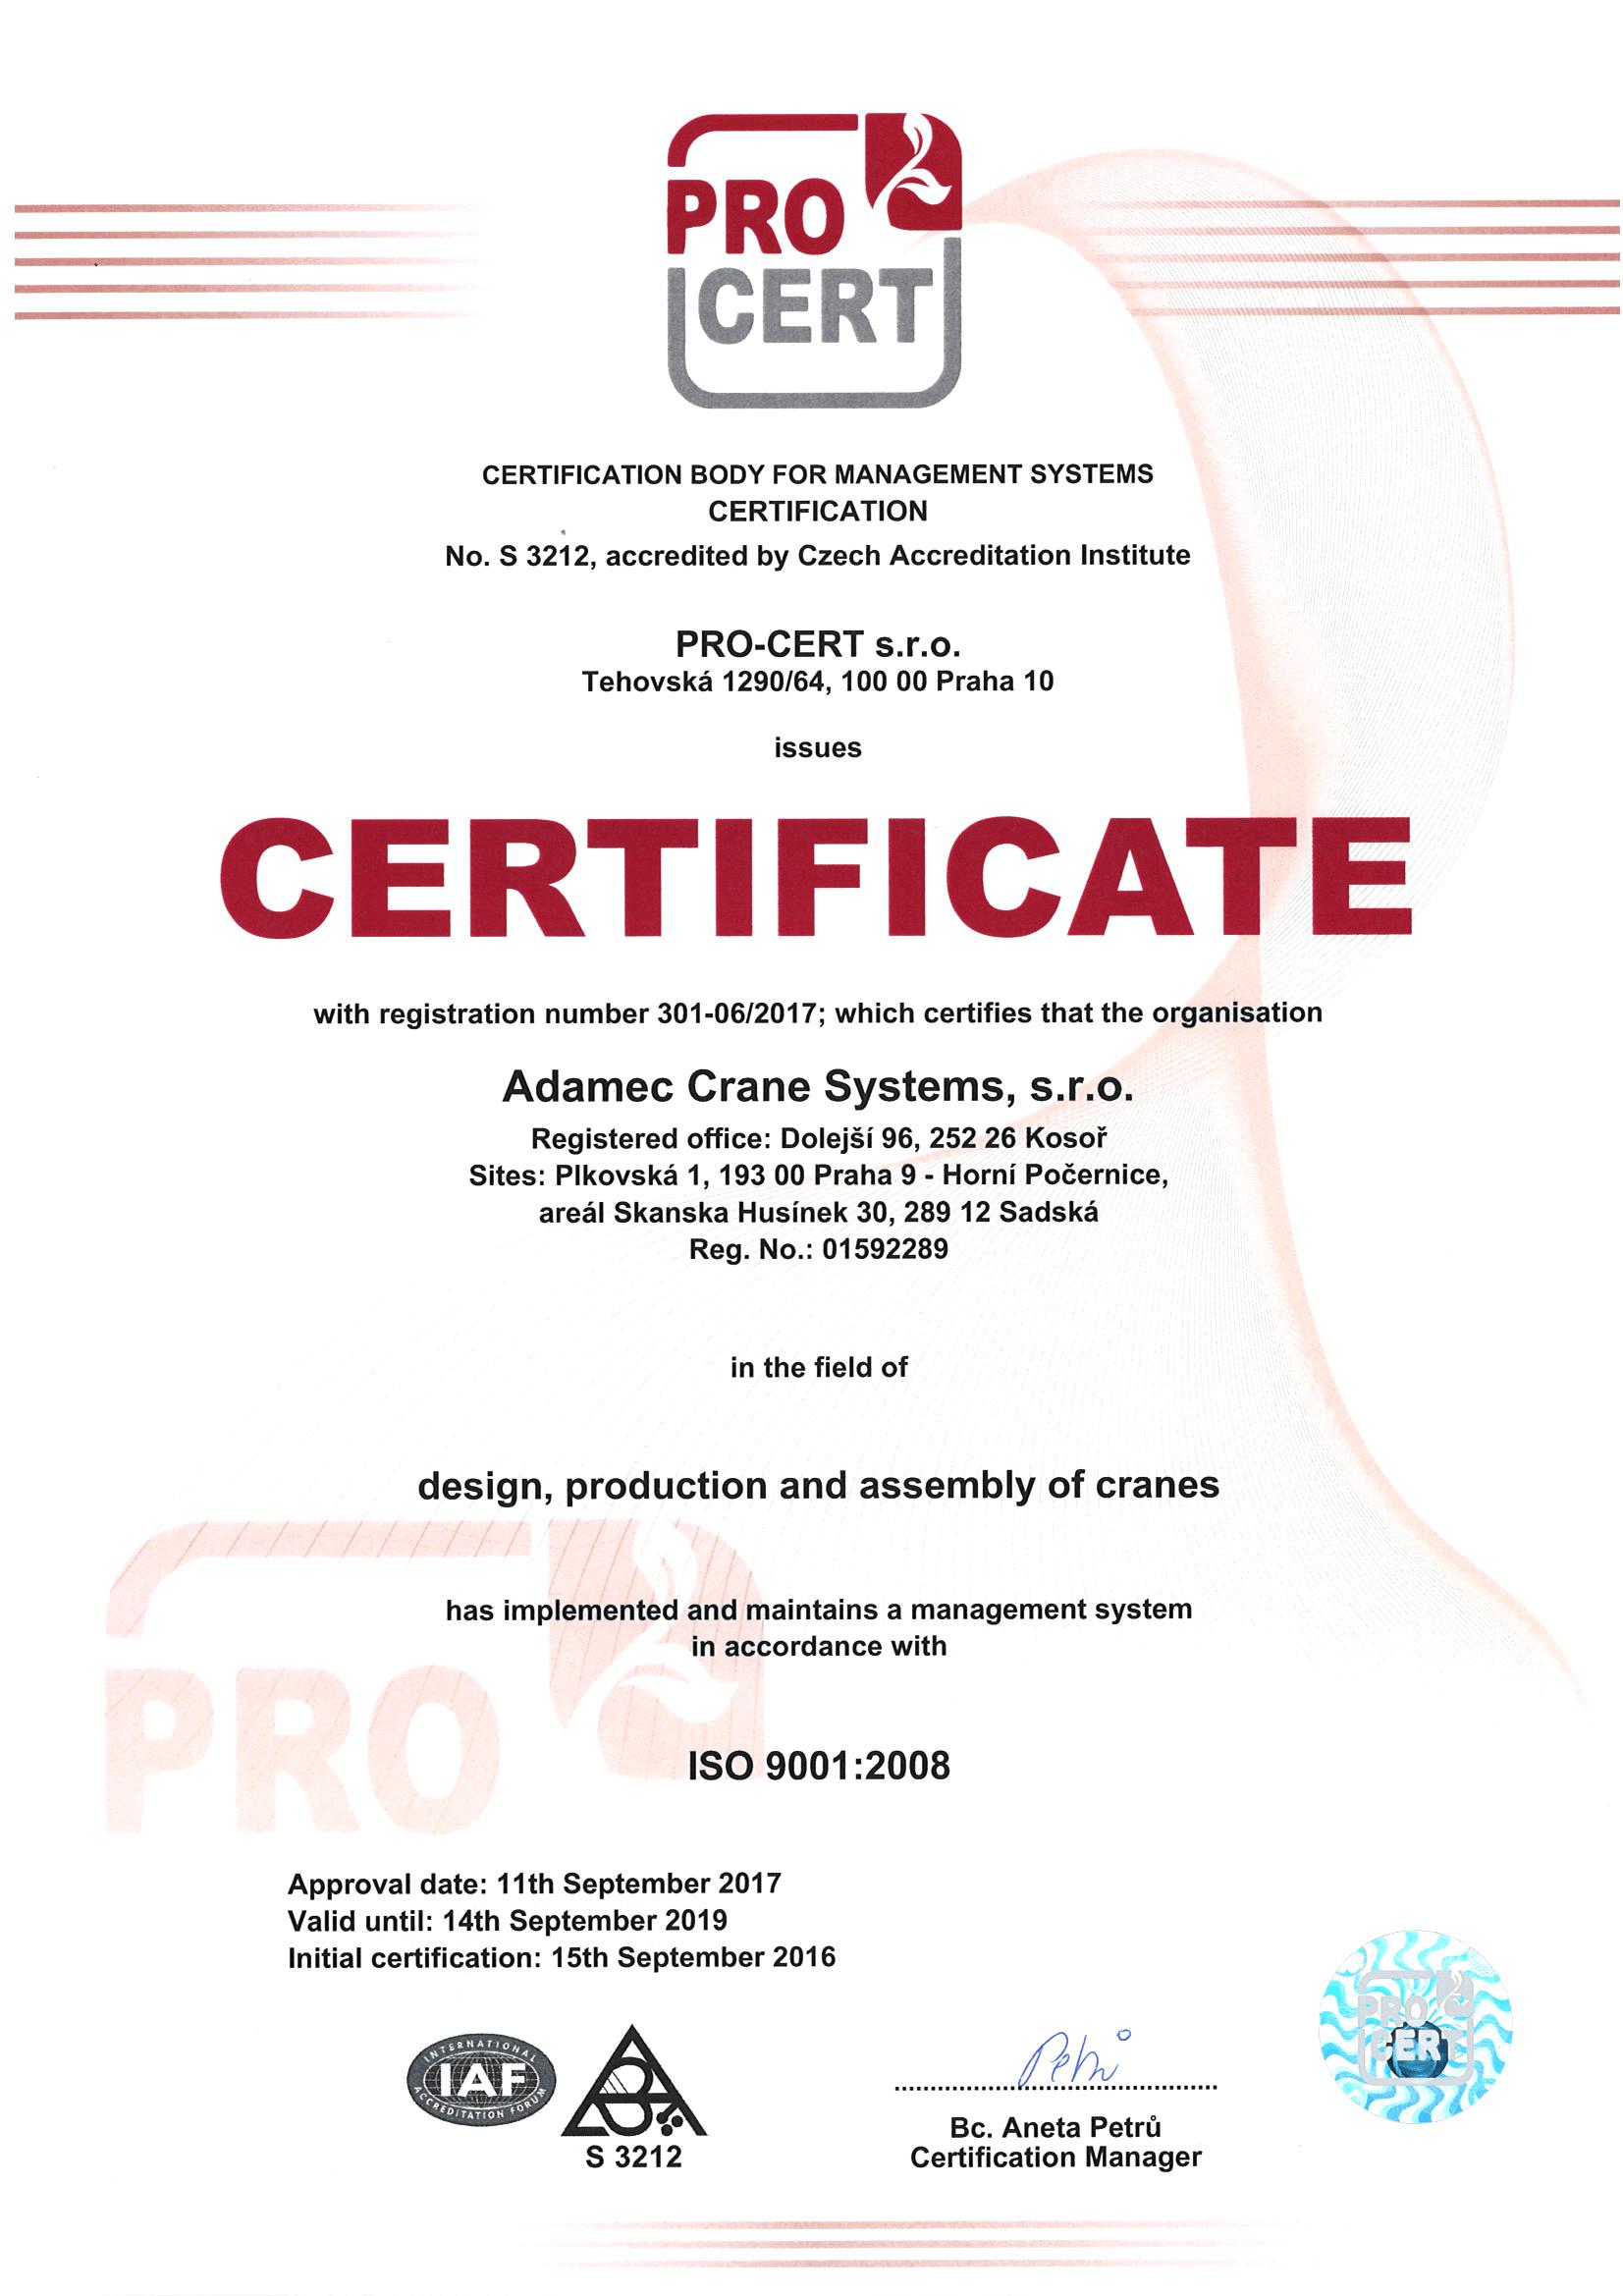 PRO-CERT ISO 9001:2008